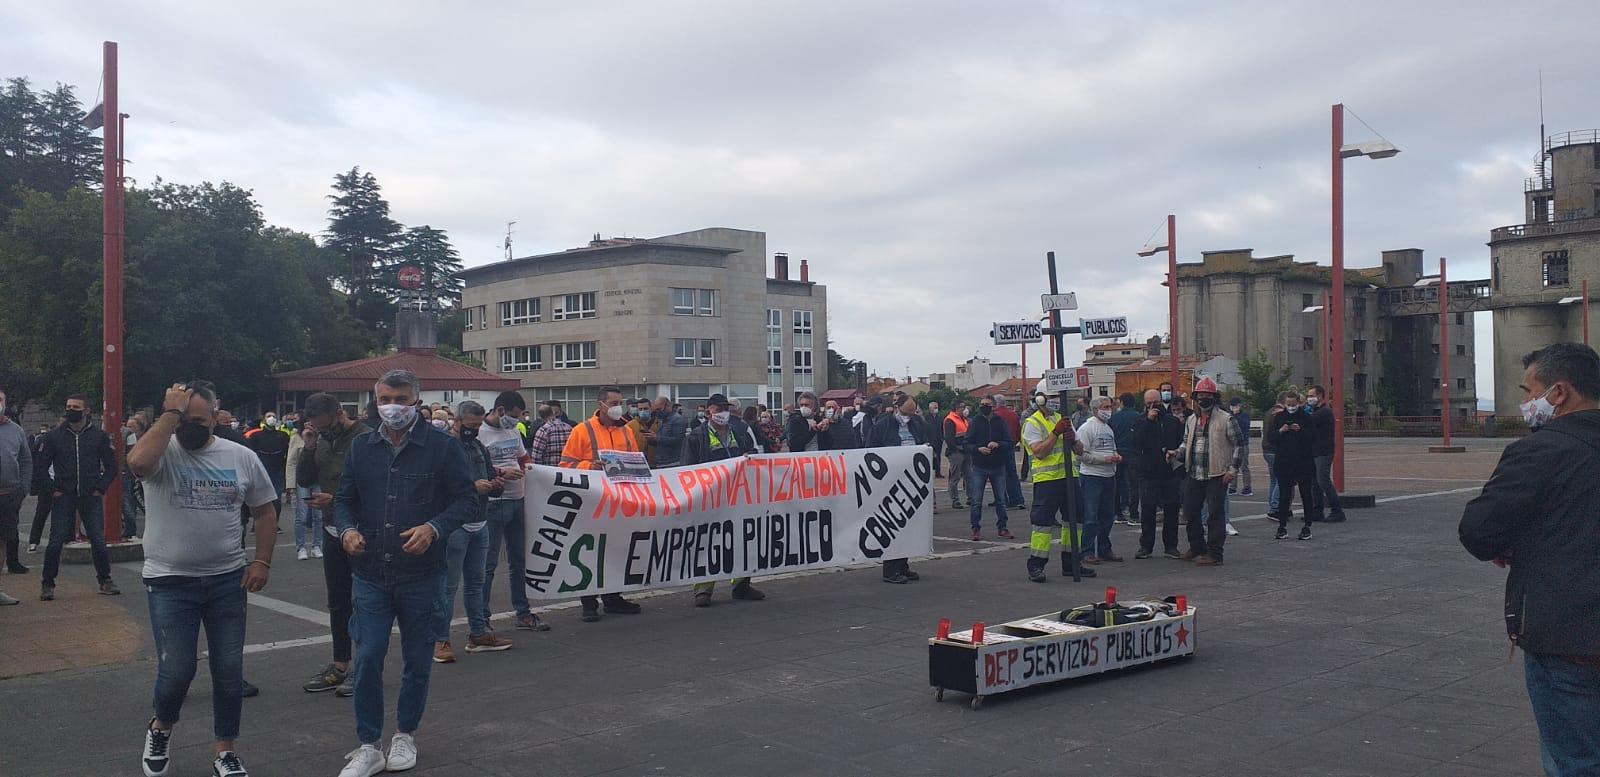 Protesta de los funcionarios delante del Ayuntamiento de Vigo